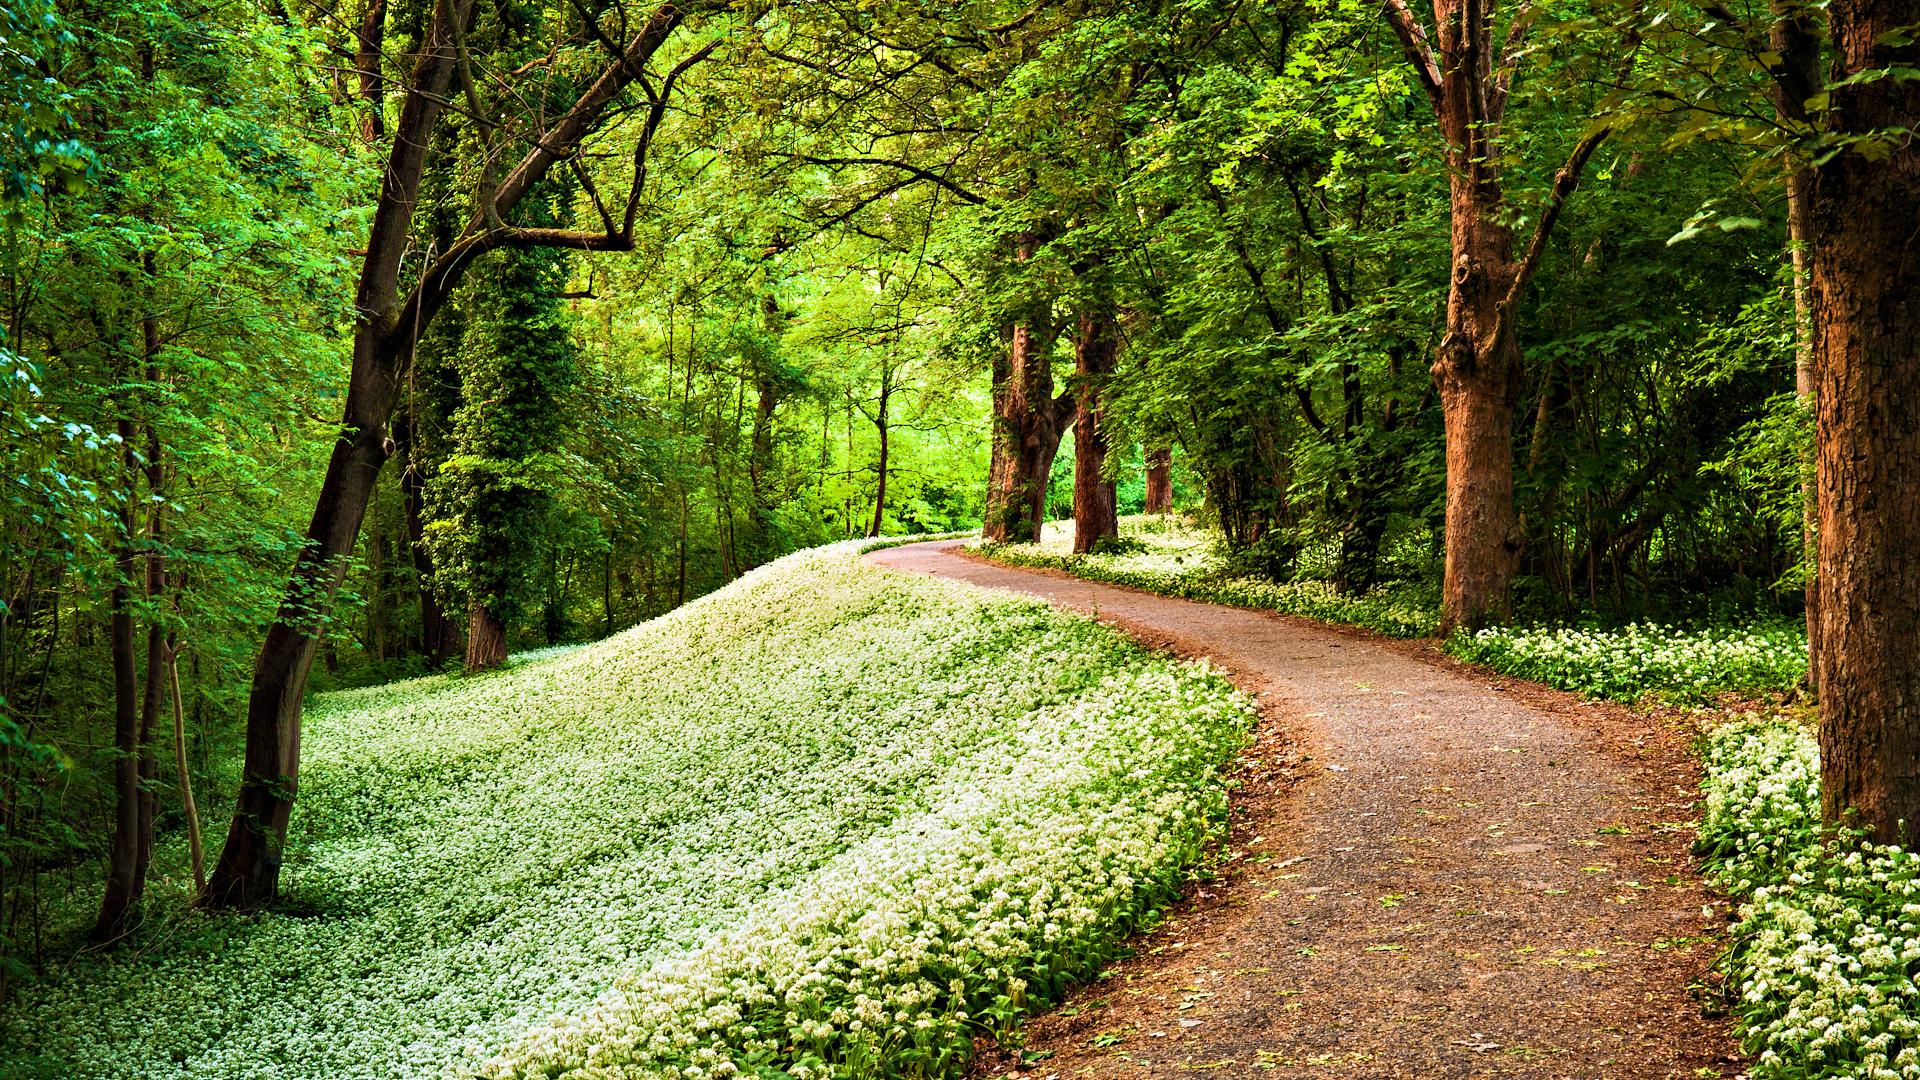 720p Wallpaper Hd 1080p 3d Nature